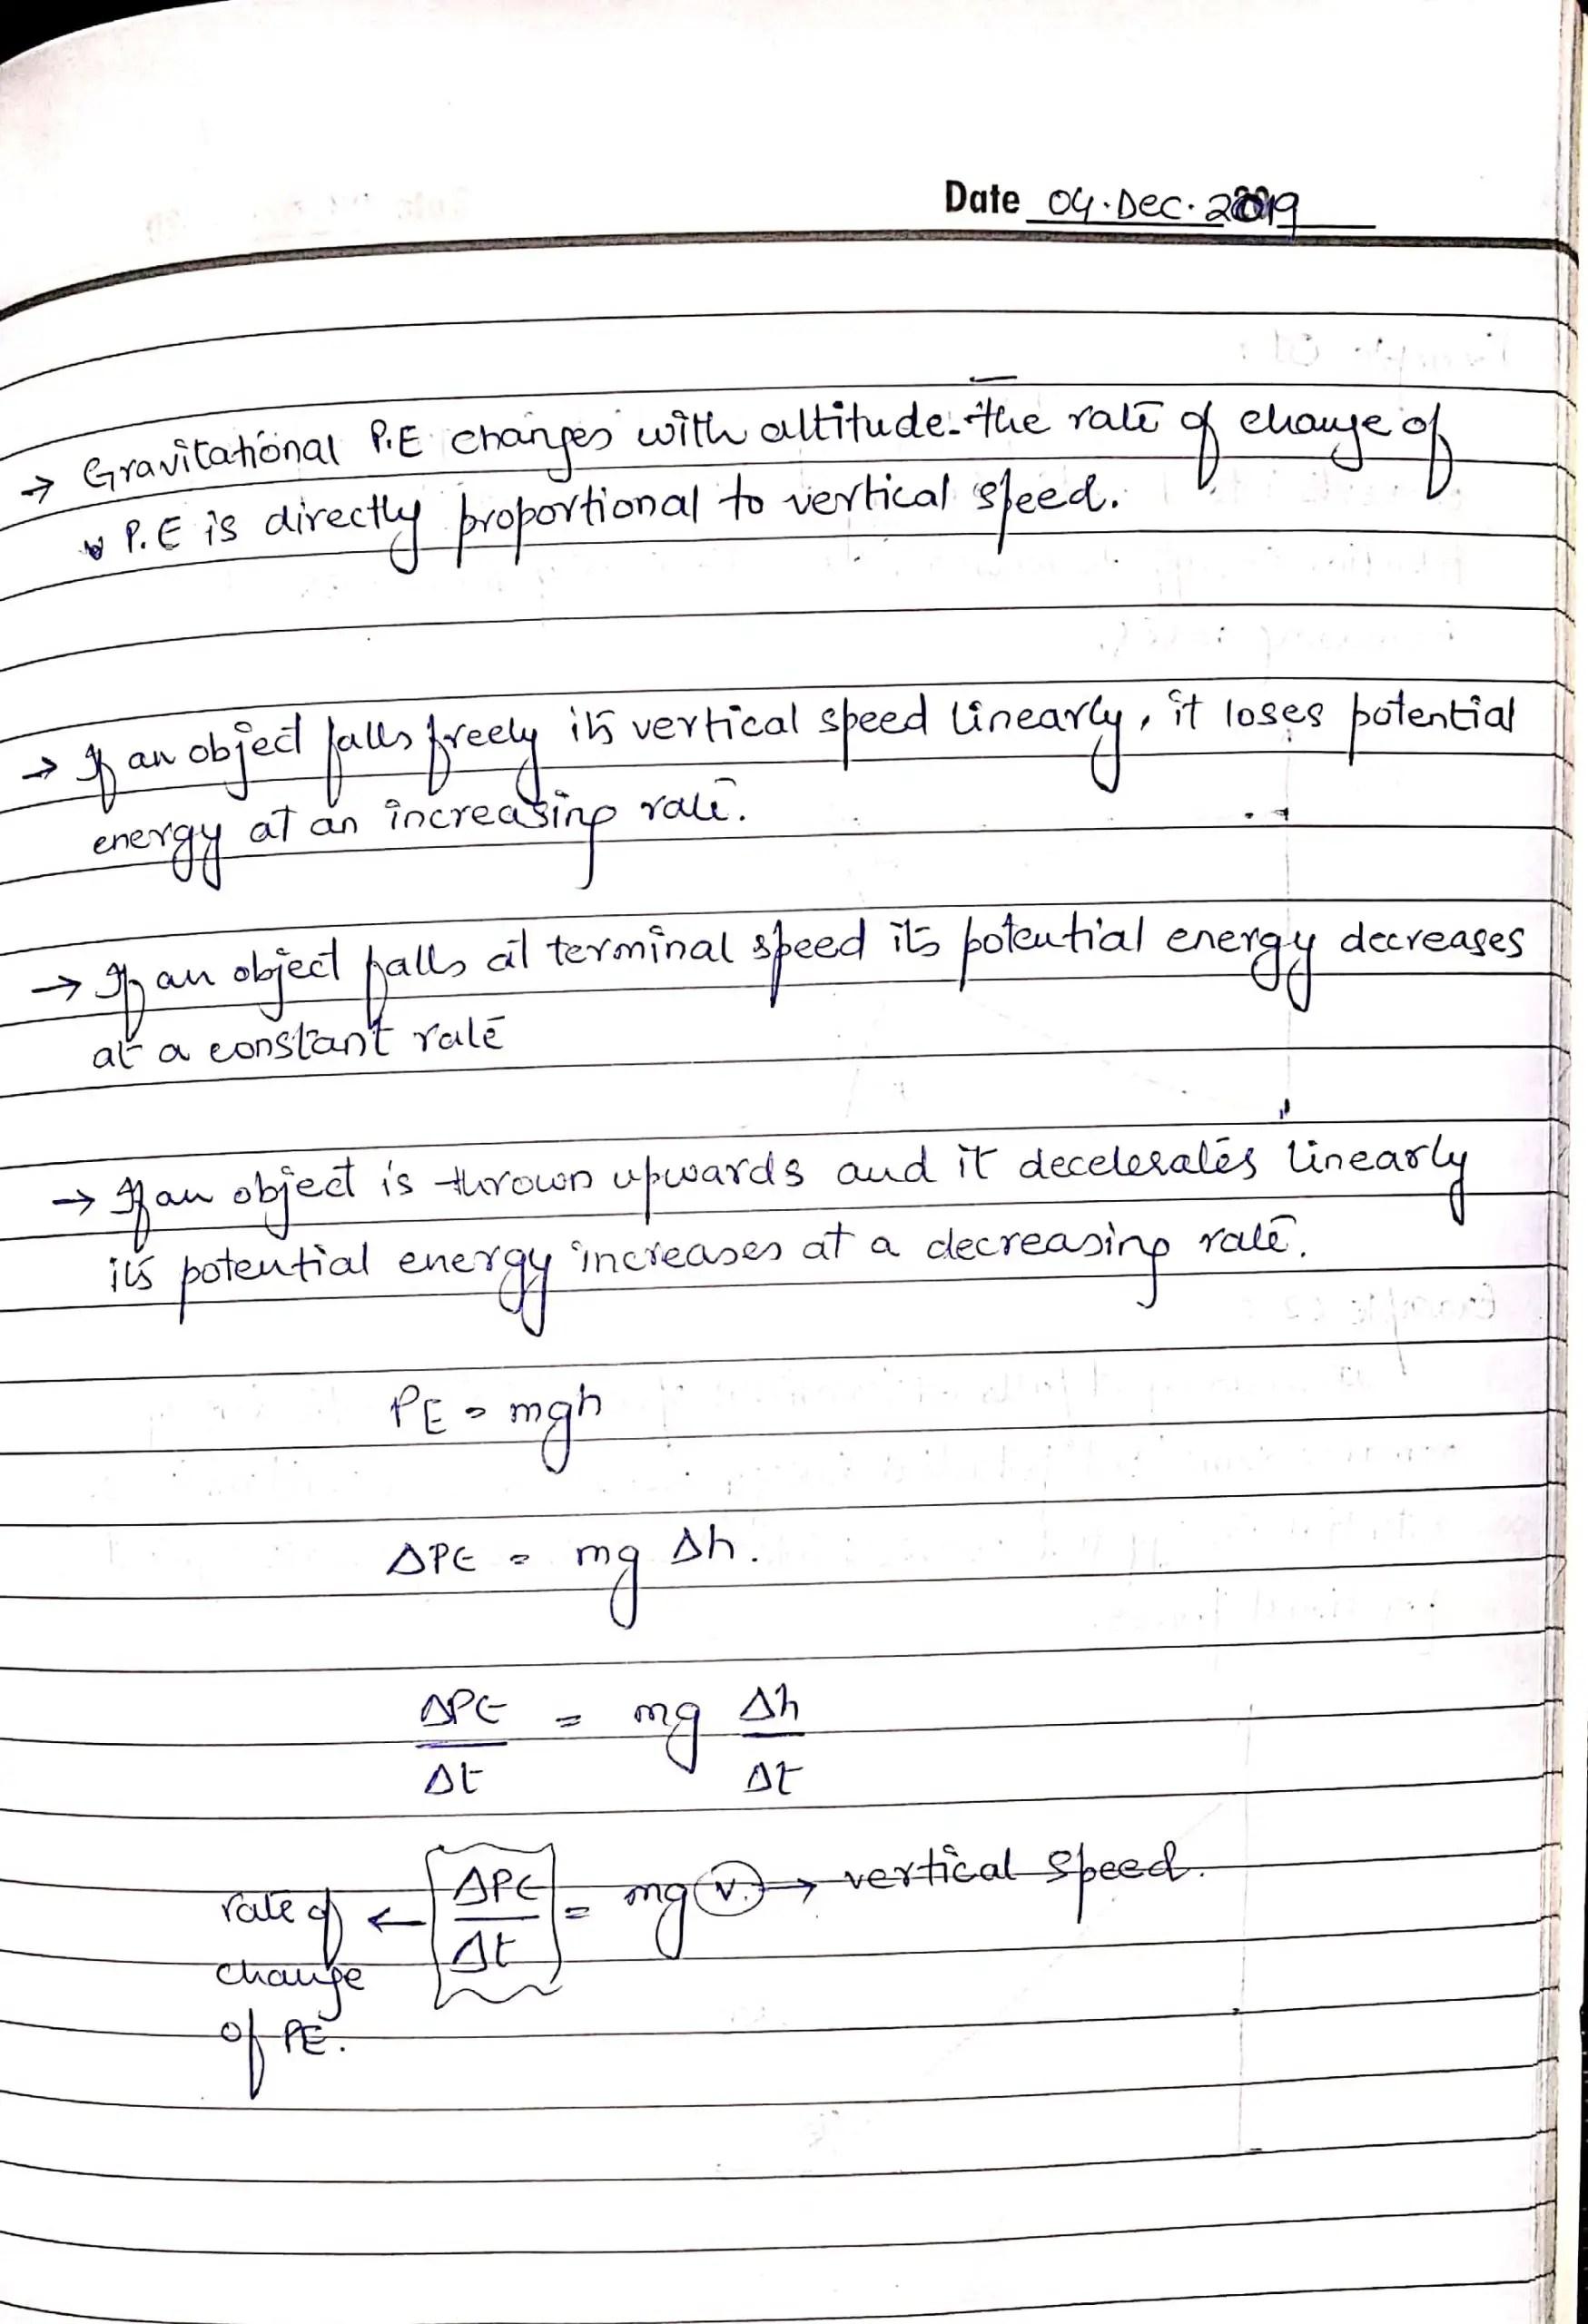 Phy work energy power_11